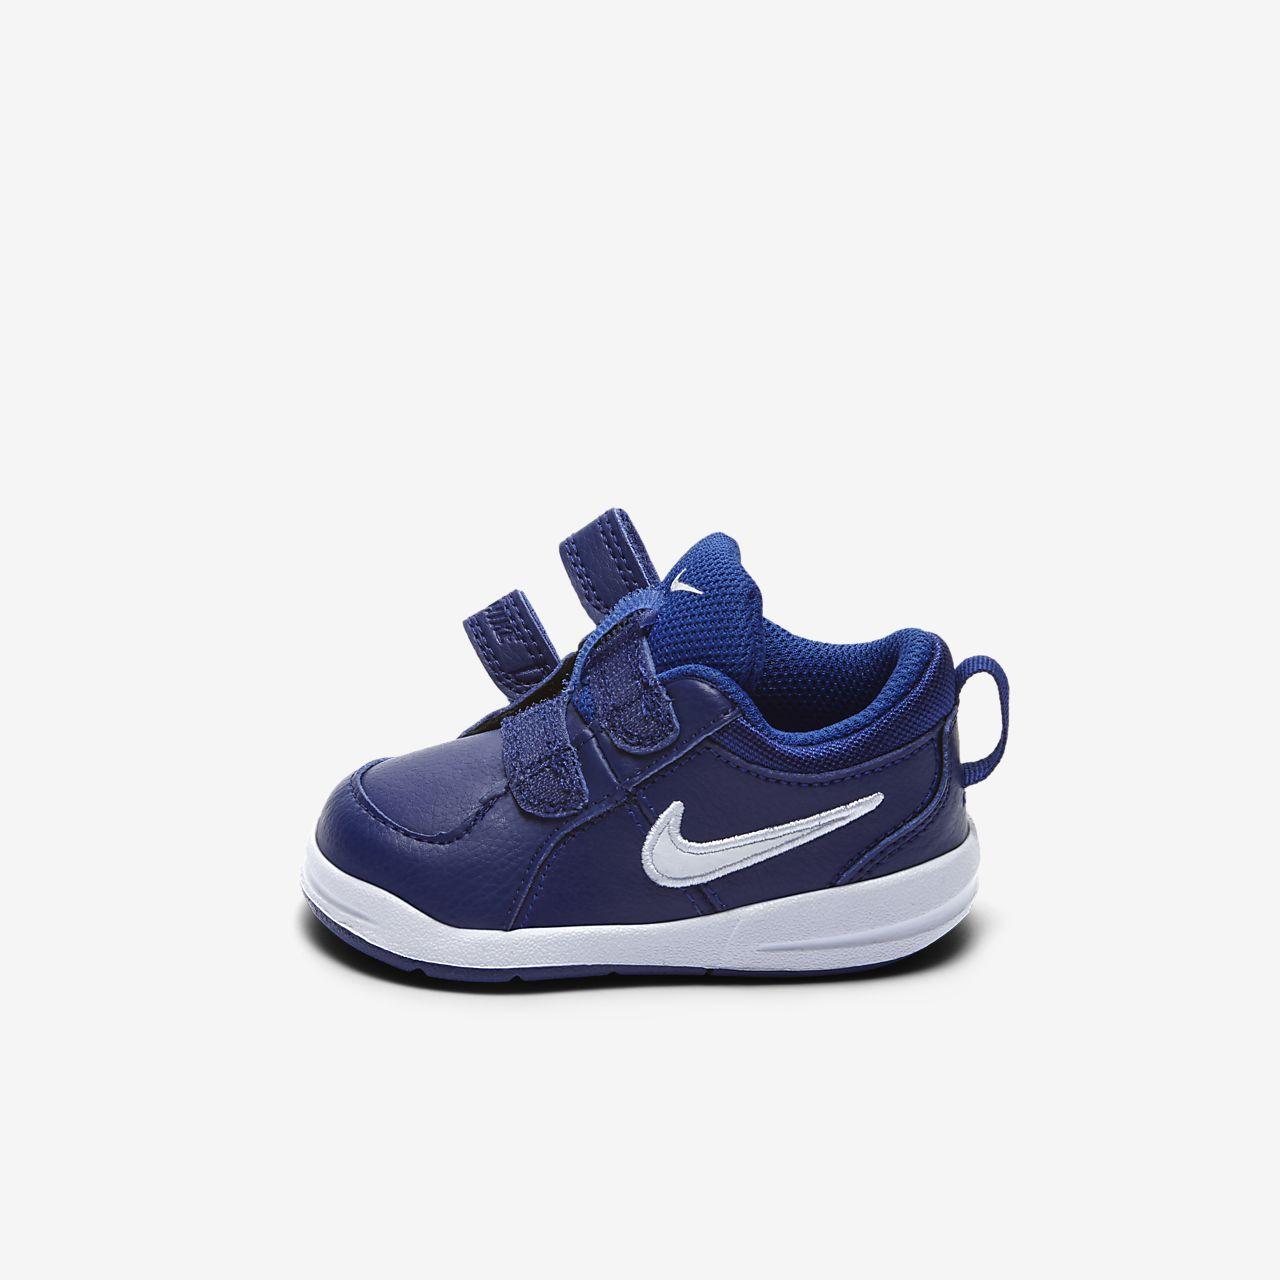 low priced 7a86e 7f9d8 ... Scarpa Nike Pico 4 - Neonati Bimbi piccoli